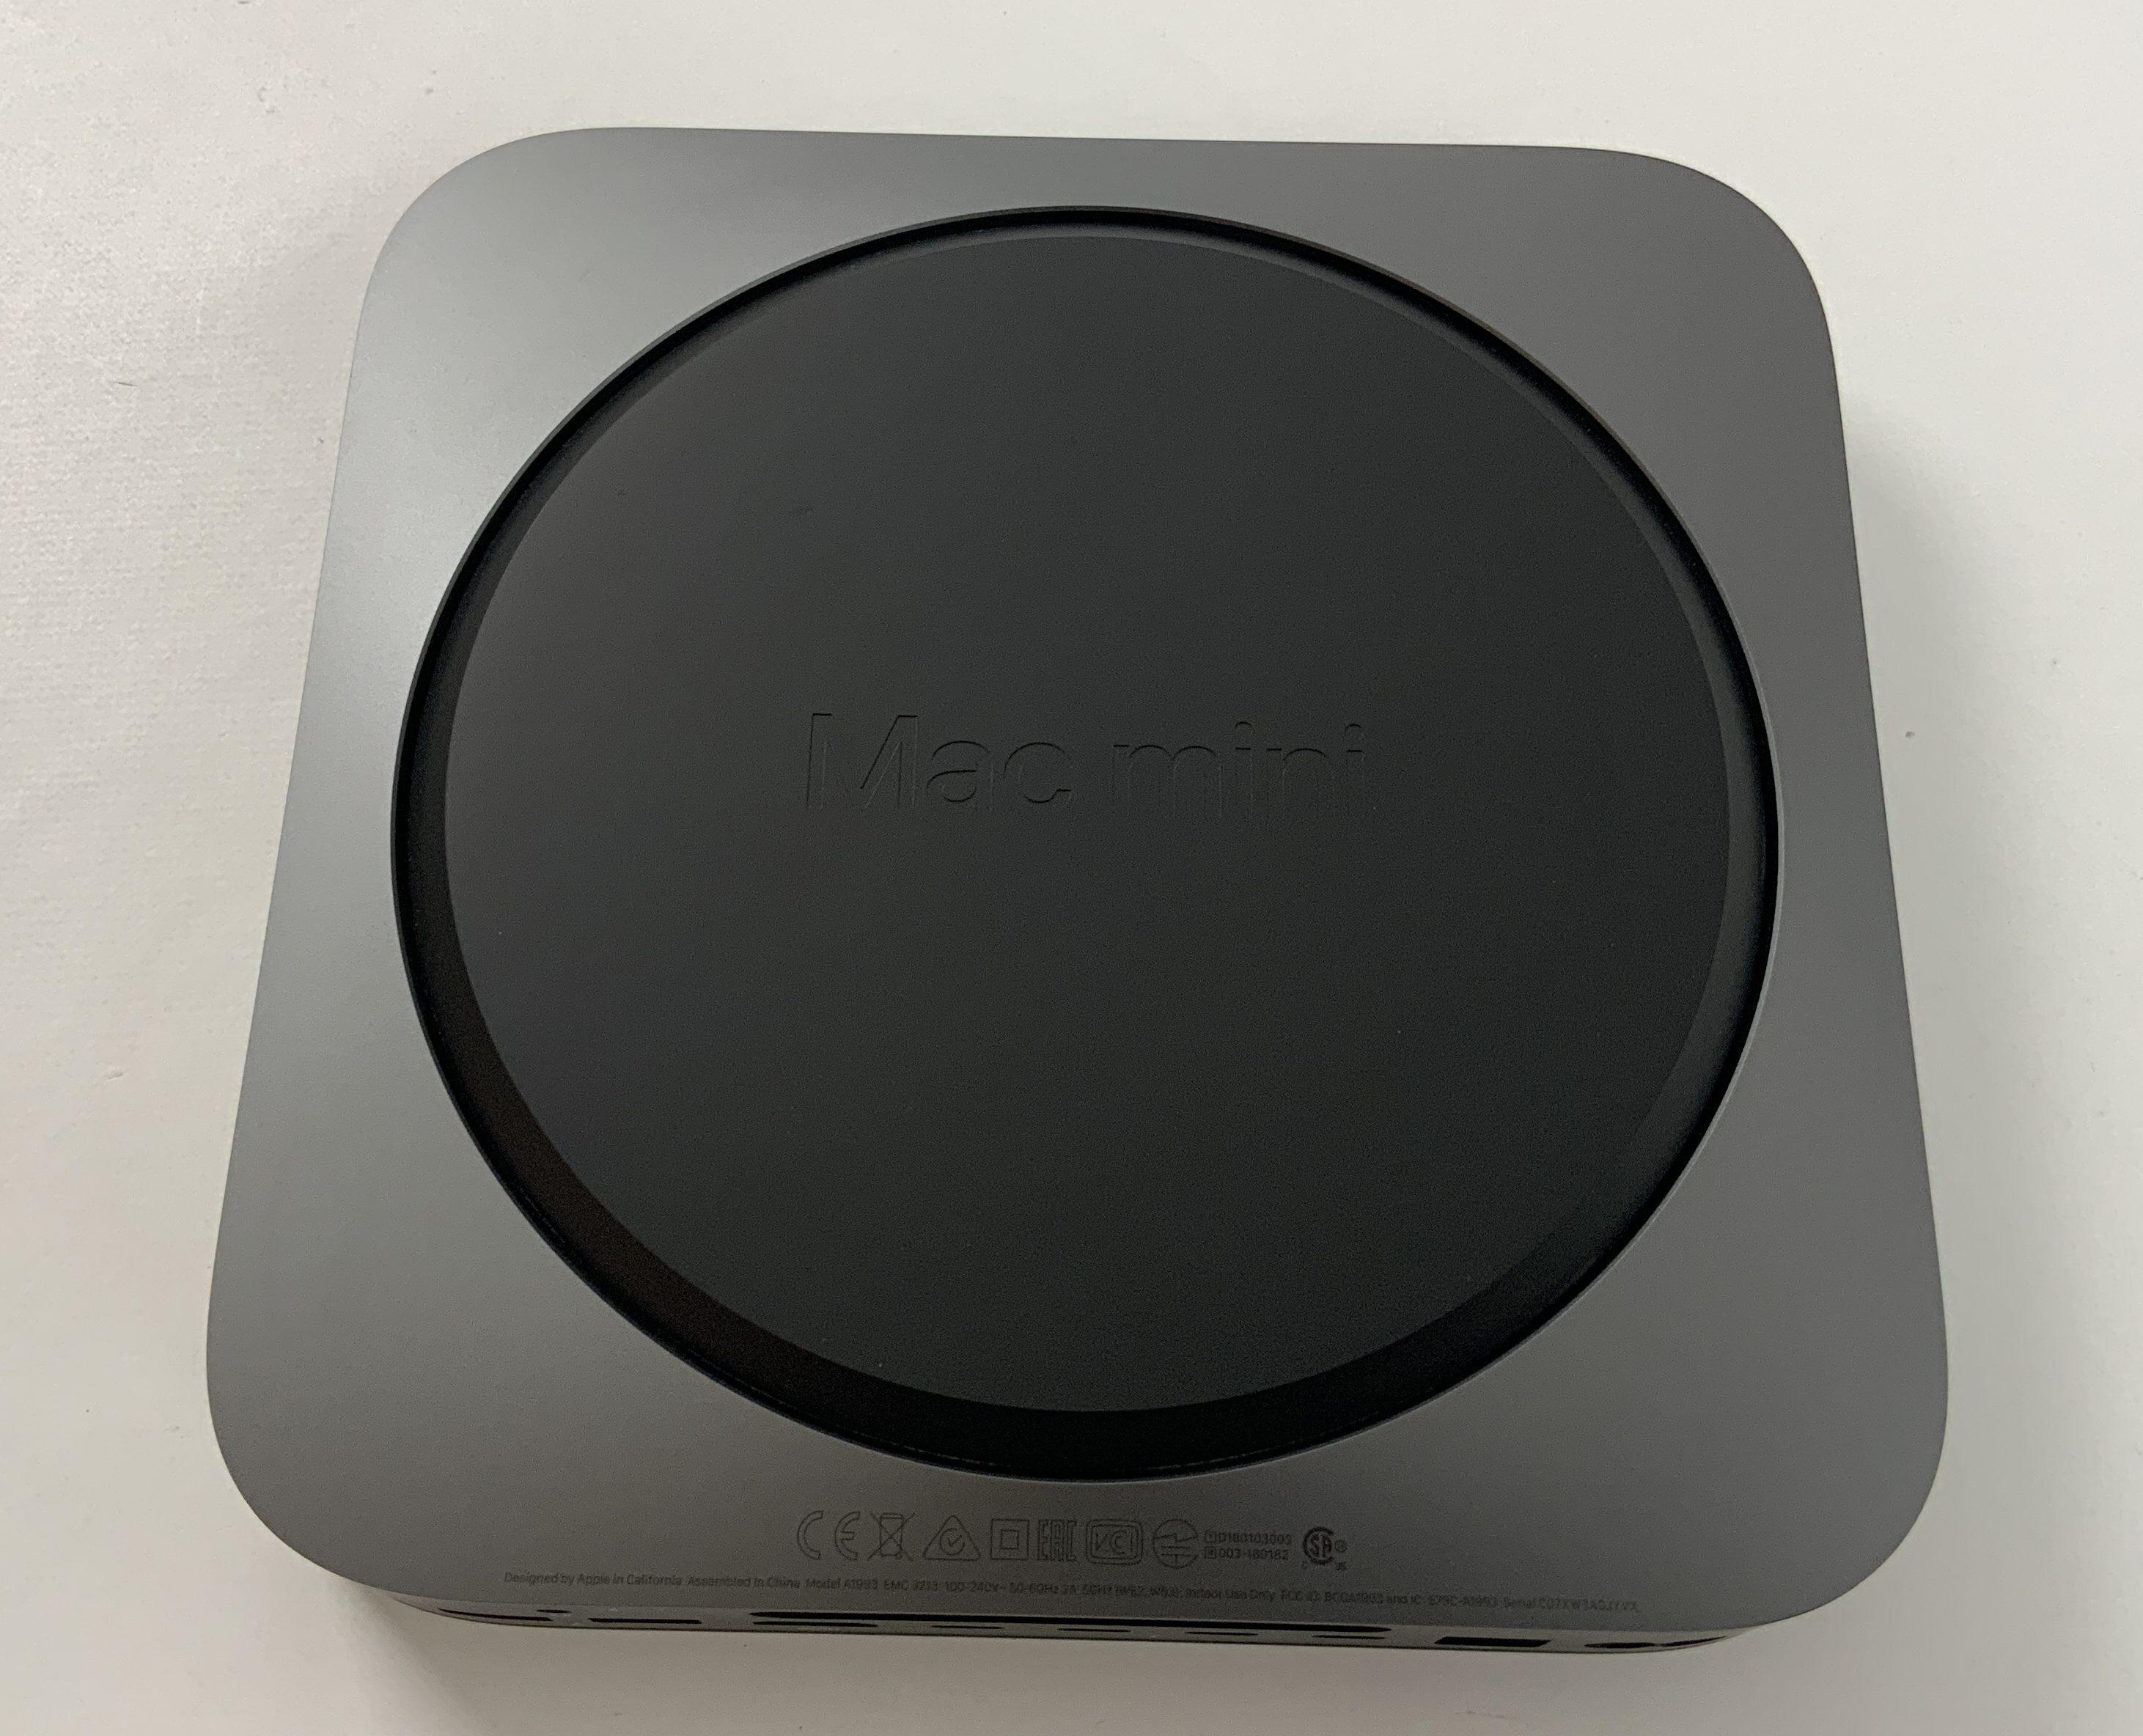 Mac Mini Late 2018 (Intel 6-Core i5 3.0 GHz 64 GB RAM 256 GB SSD), Intel 6-Core i5 3.0 GHz, 64 GB RAM, 256 GB SSD, Kuva 2